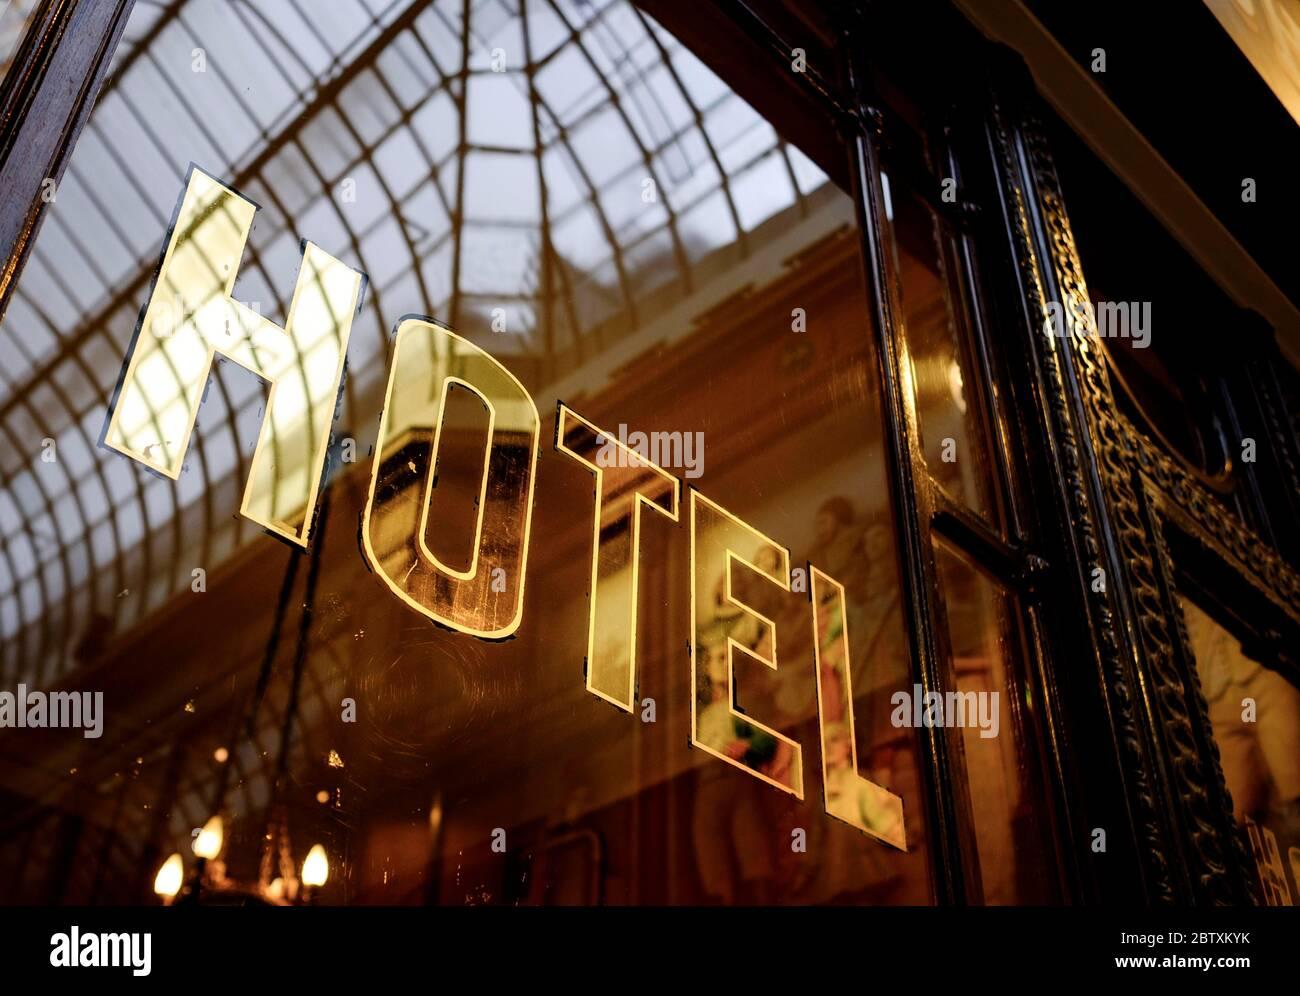 Hôtel Golden lettering, Paris, France Banque D'Images